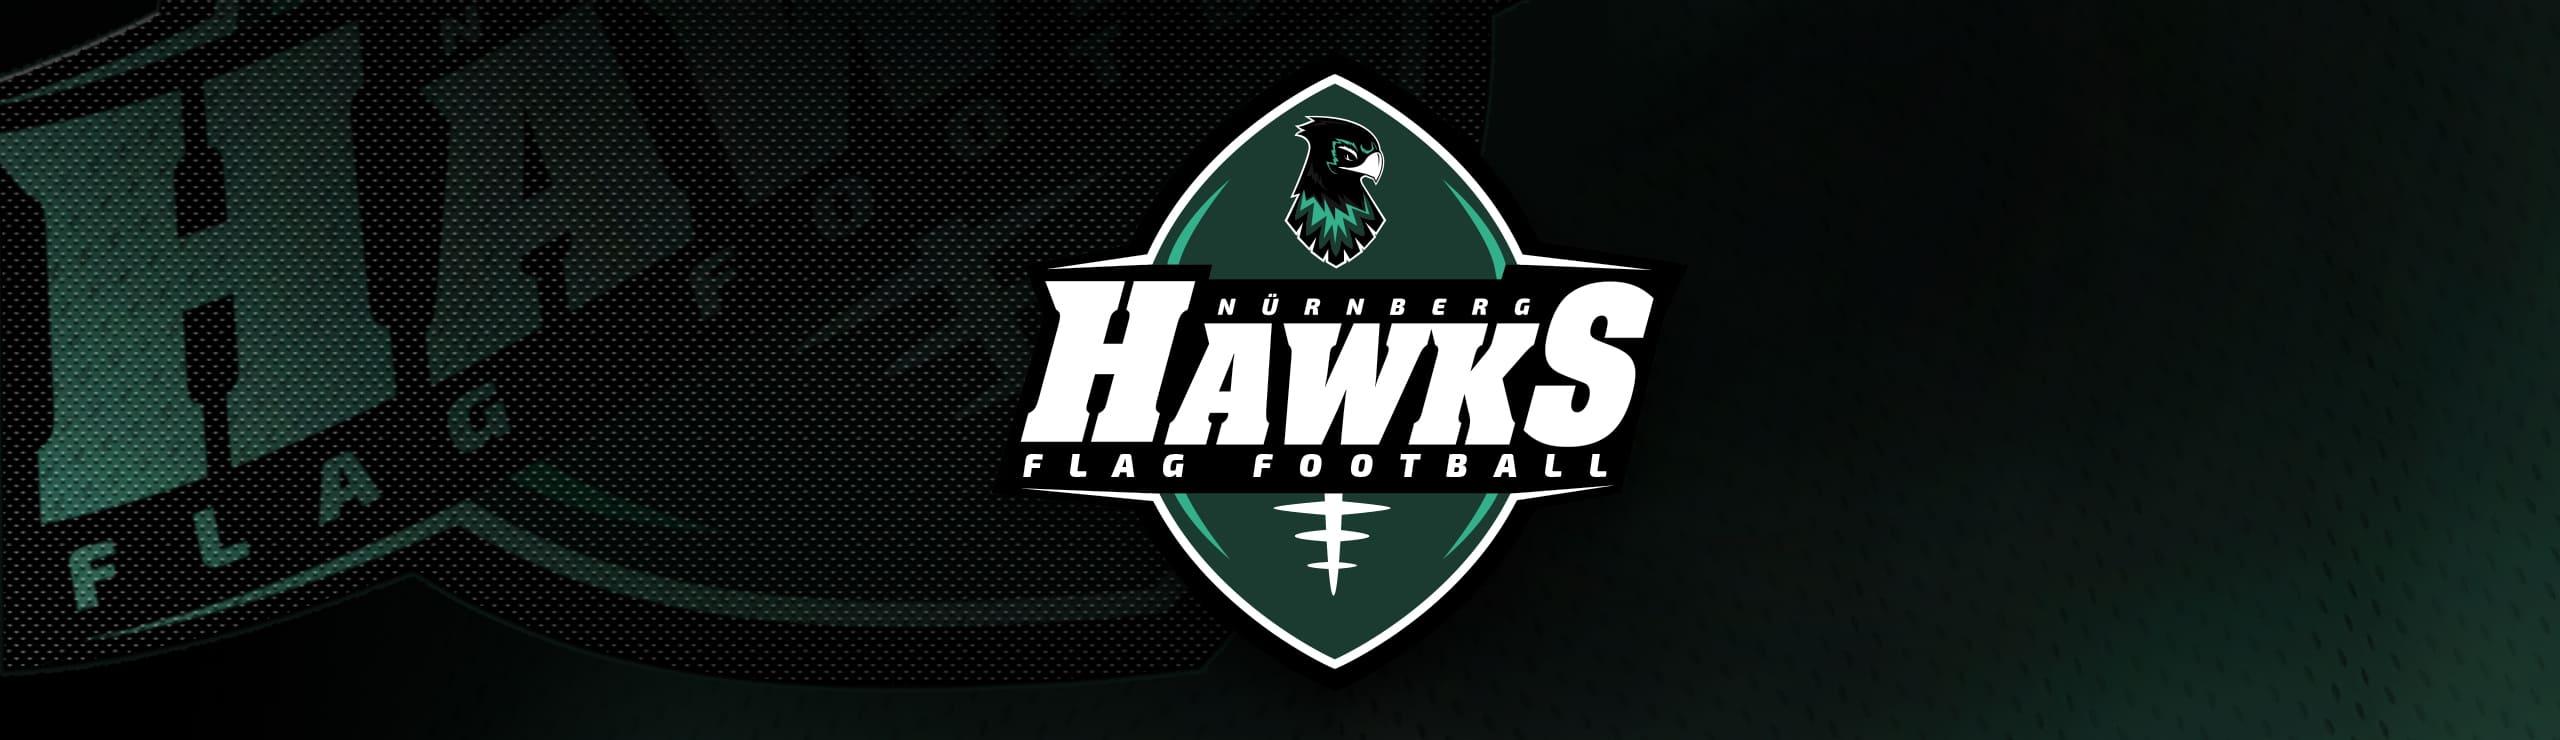 Nürnberg Hawks flagfootball